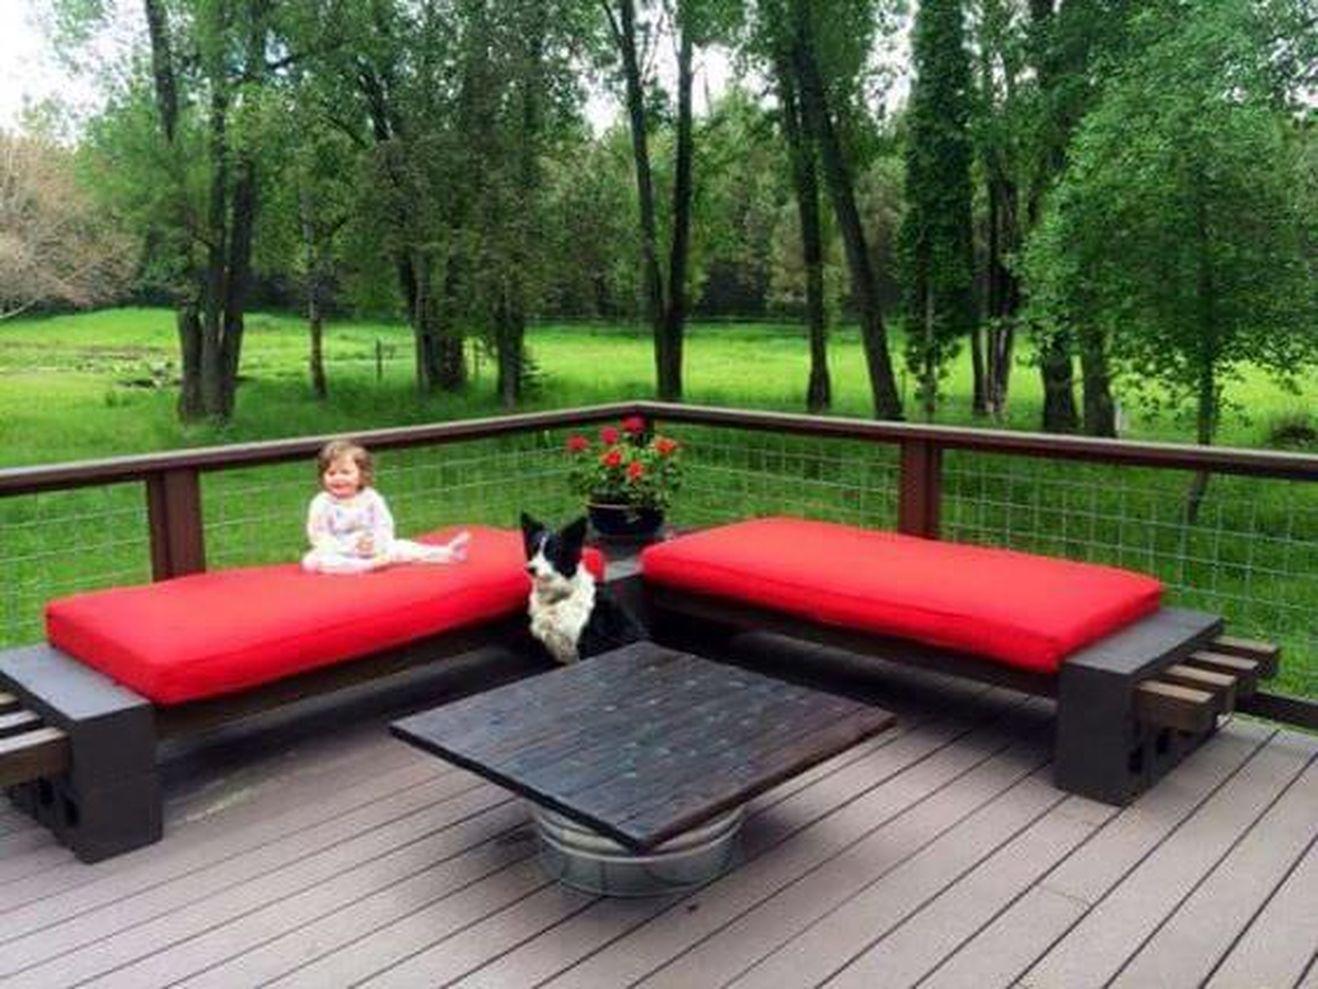 cinderblock furniture. Simple Furniture 1318  989 In 63 Cinder Block Furniture Backyard Inside Cinderblock